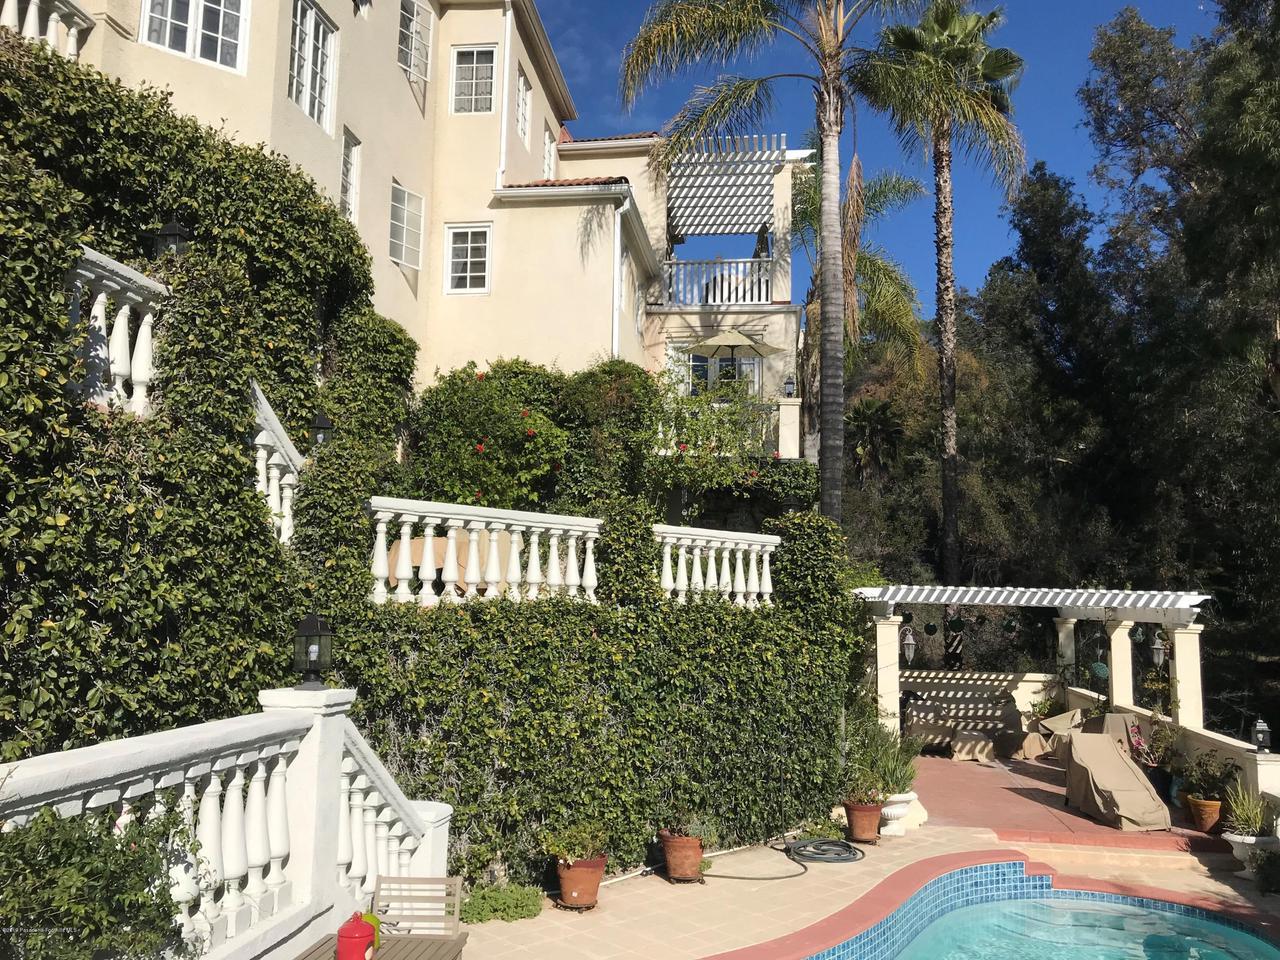 1348 WIERFIELD, Pasadena, CA 91105 - 1